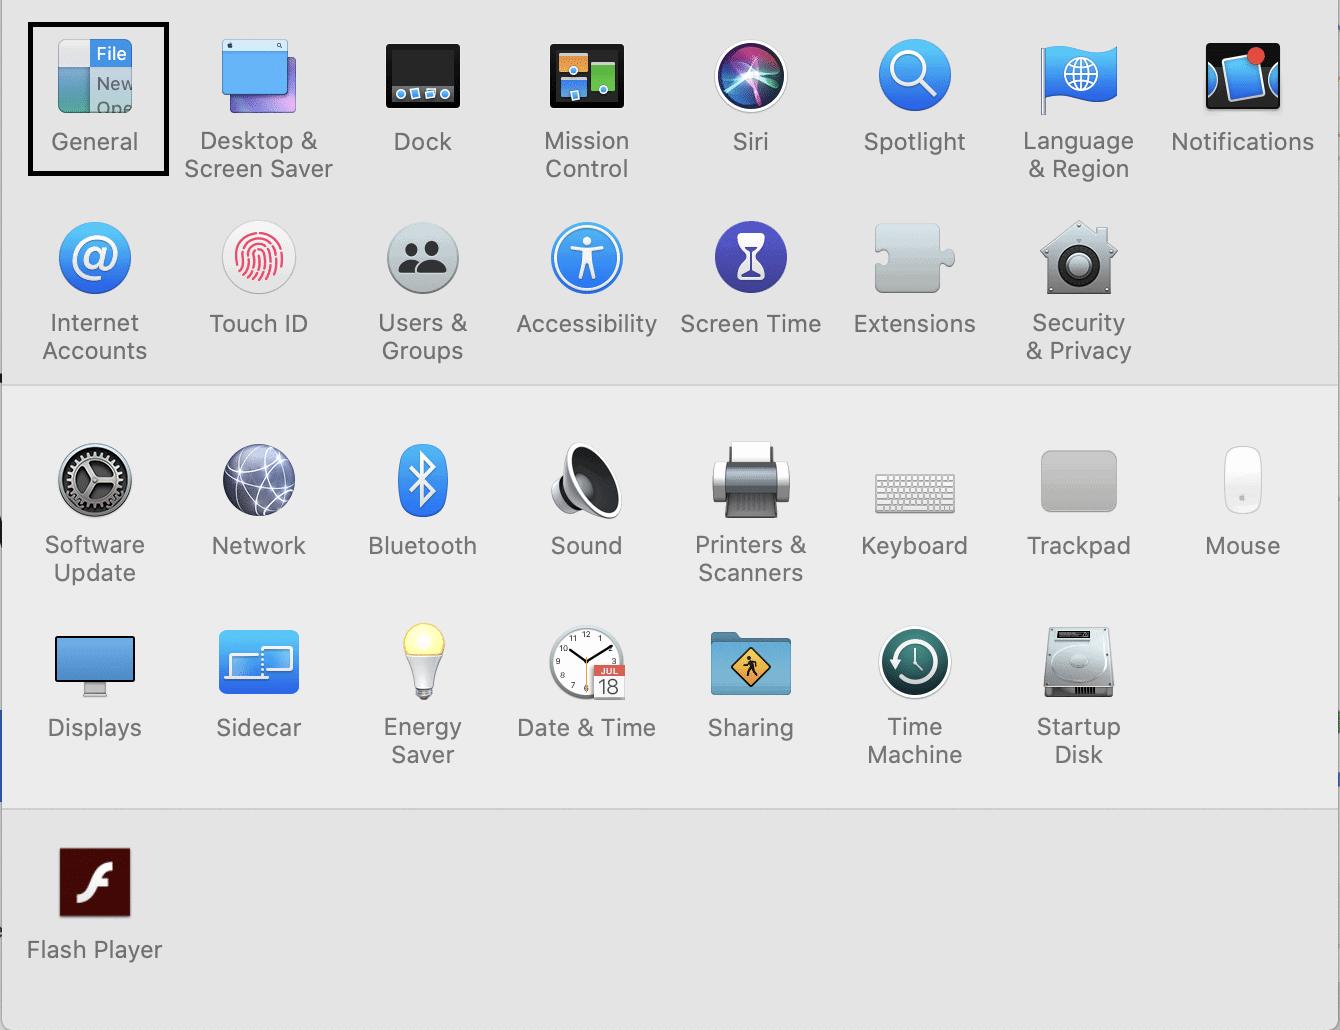 Chrome በ Mac ላይ ነባሪ አሳሹ እንዴት እንደሚያደርግ